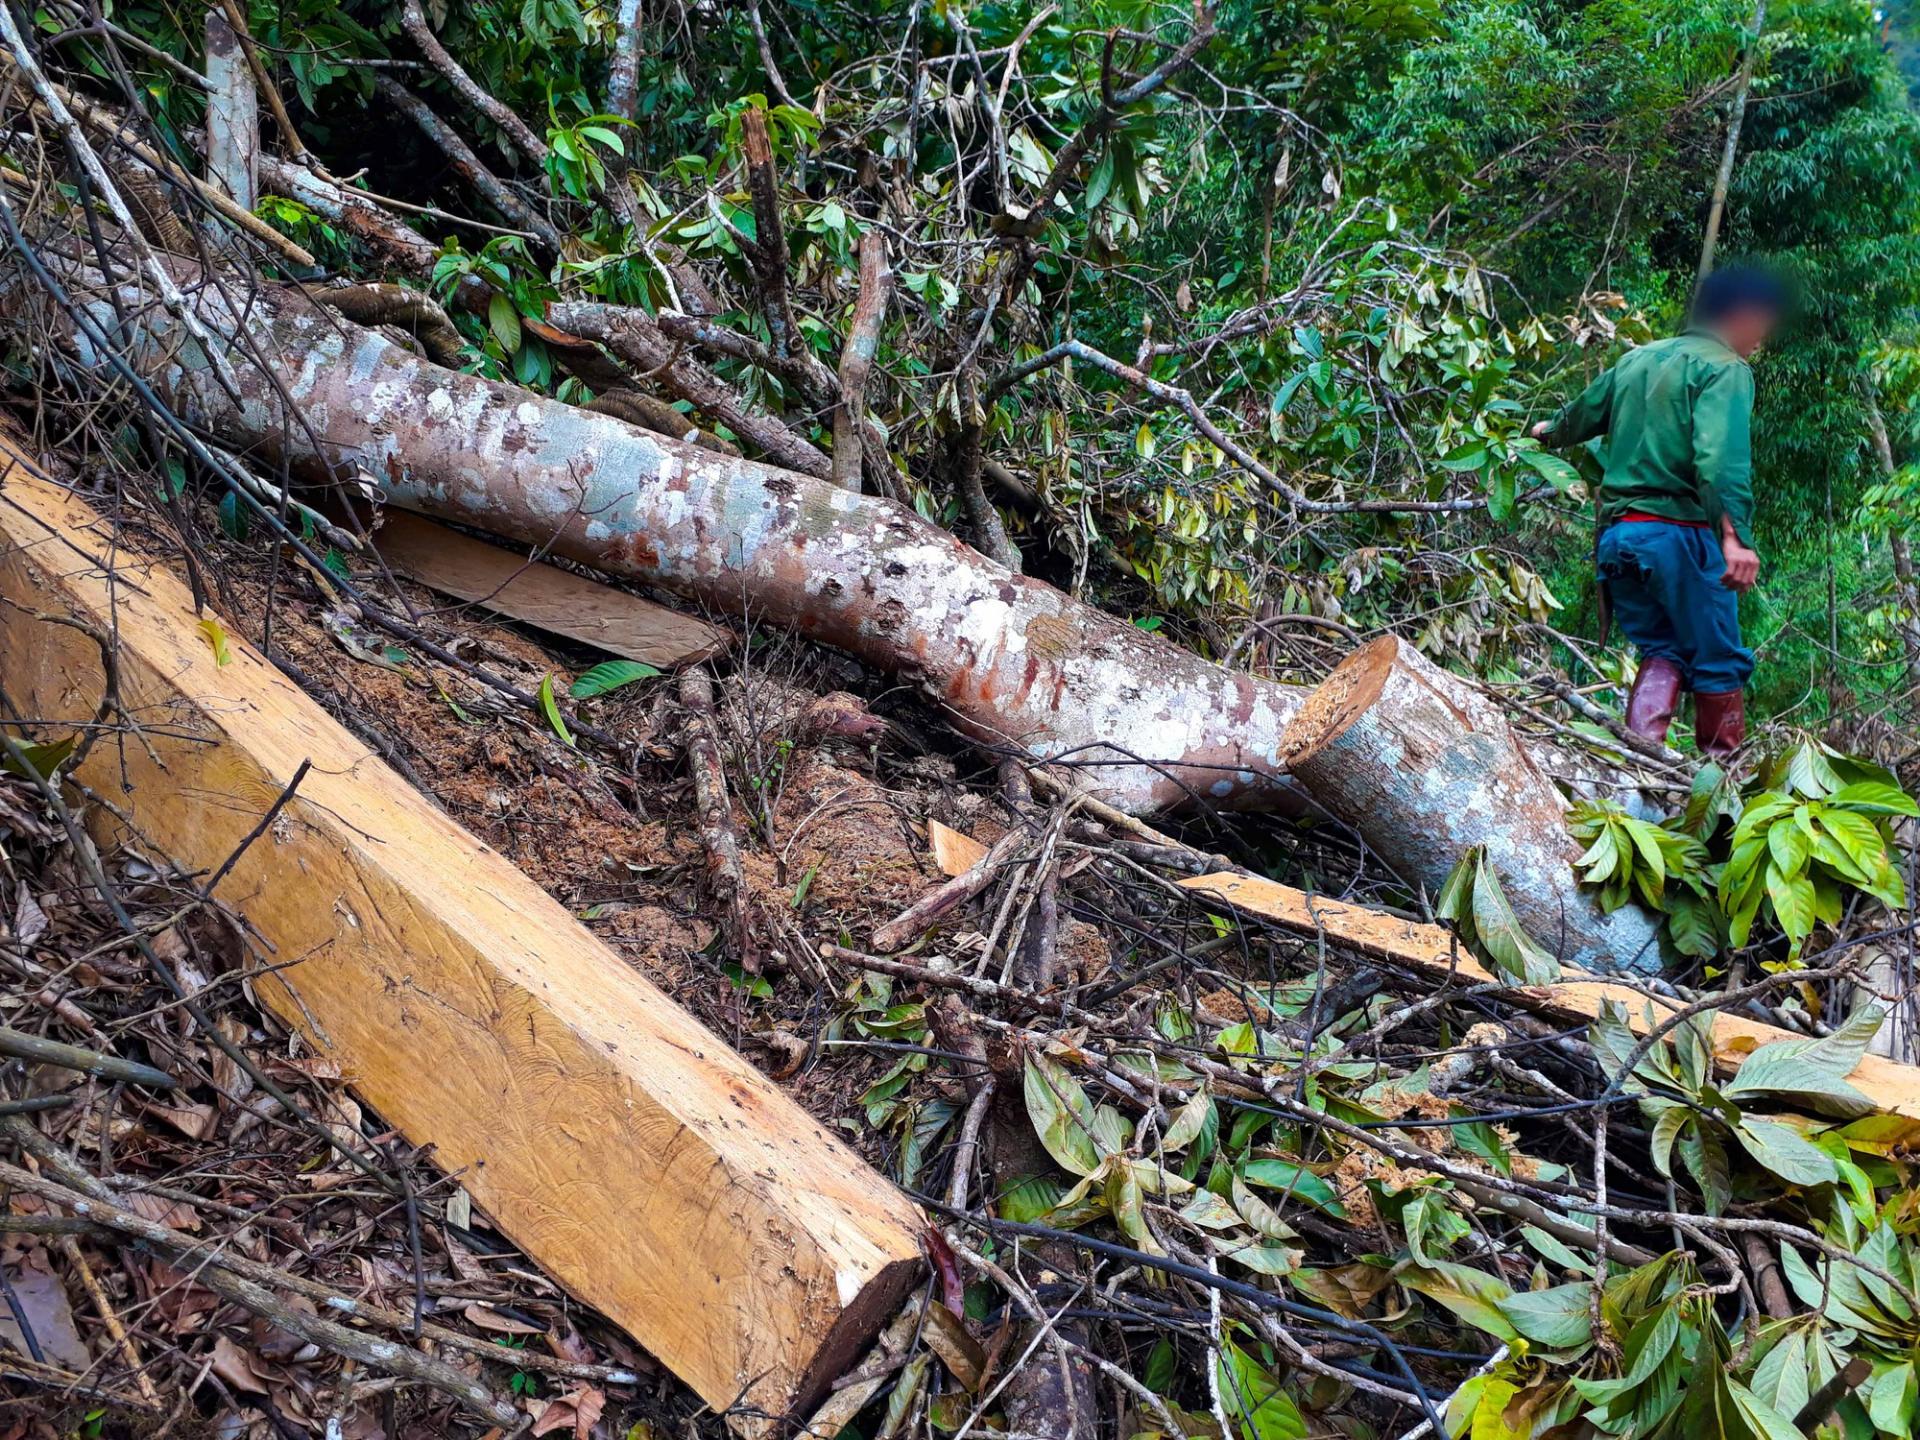 Tan nát rừng đầu nguồn: Cận cảnh rừng phòng hộ bị phá - Ảnh 4.